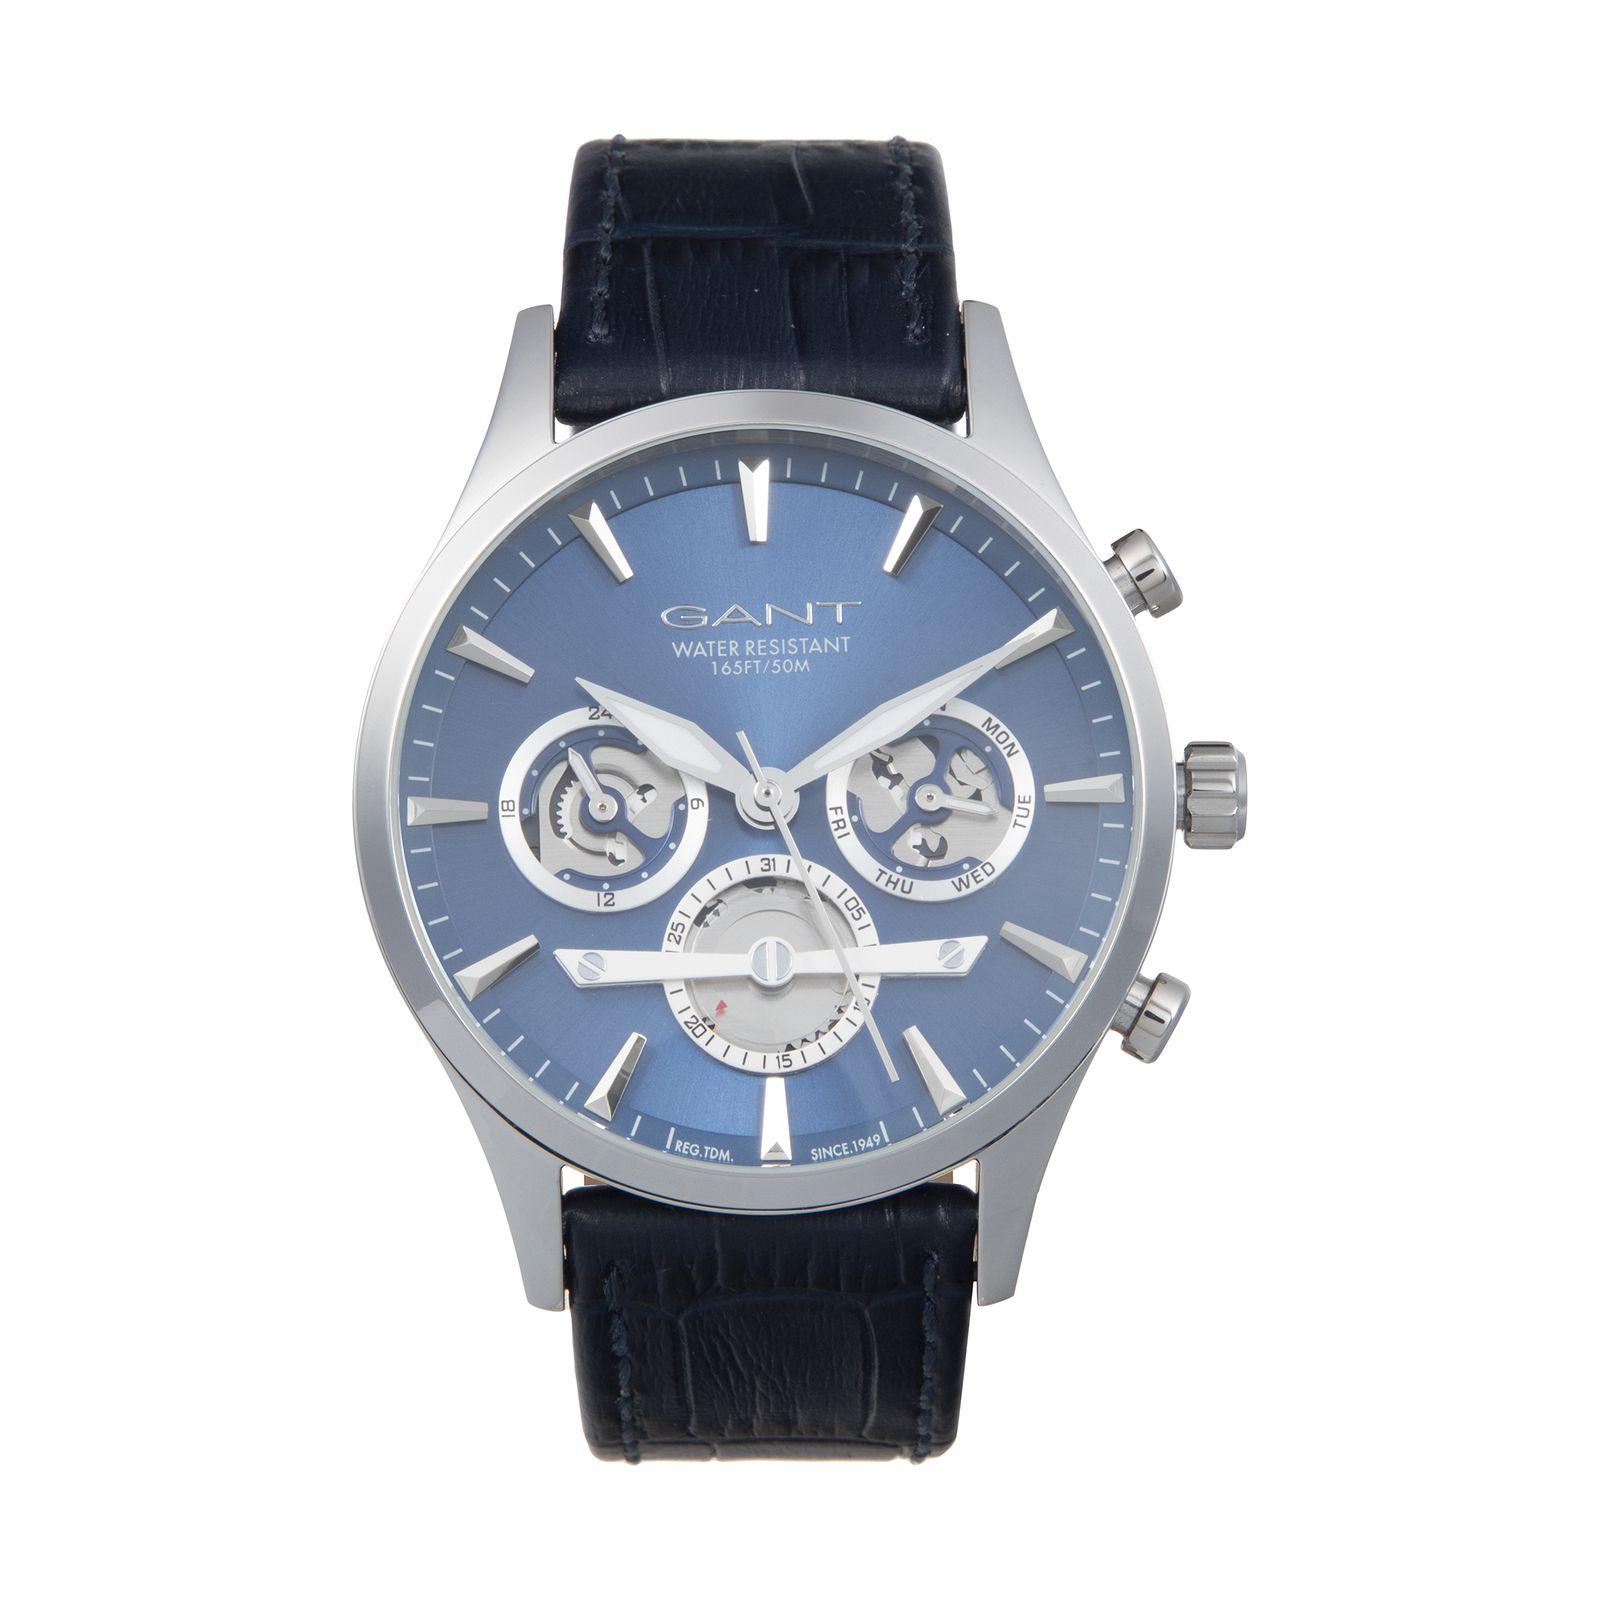 ساعت مچی عقربه ای مردانه گنت مدل GWW005001 -  - 2